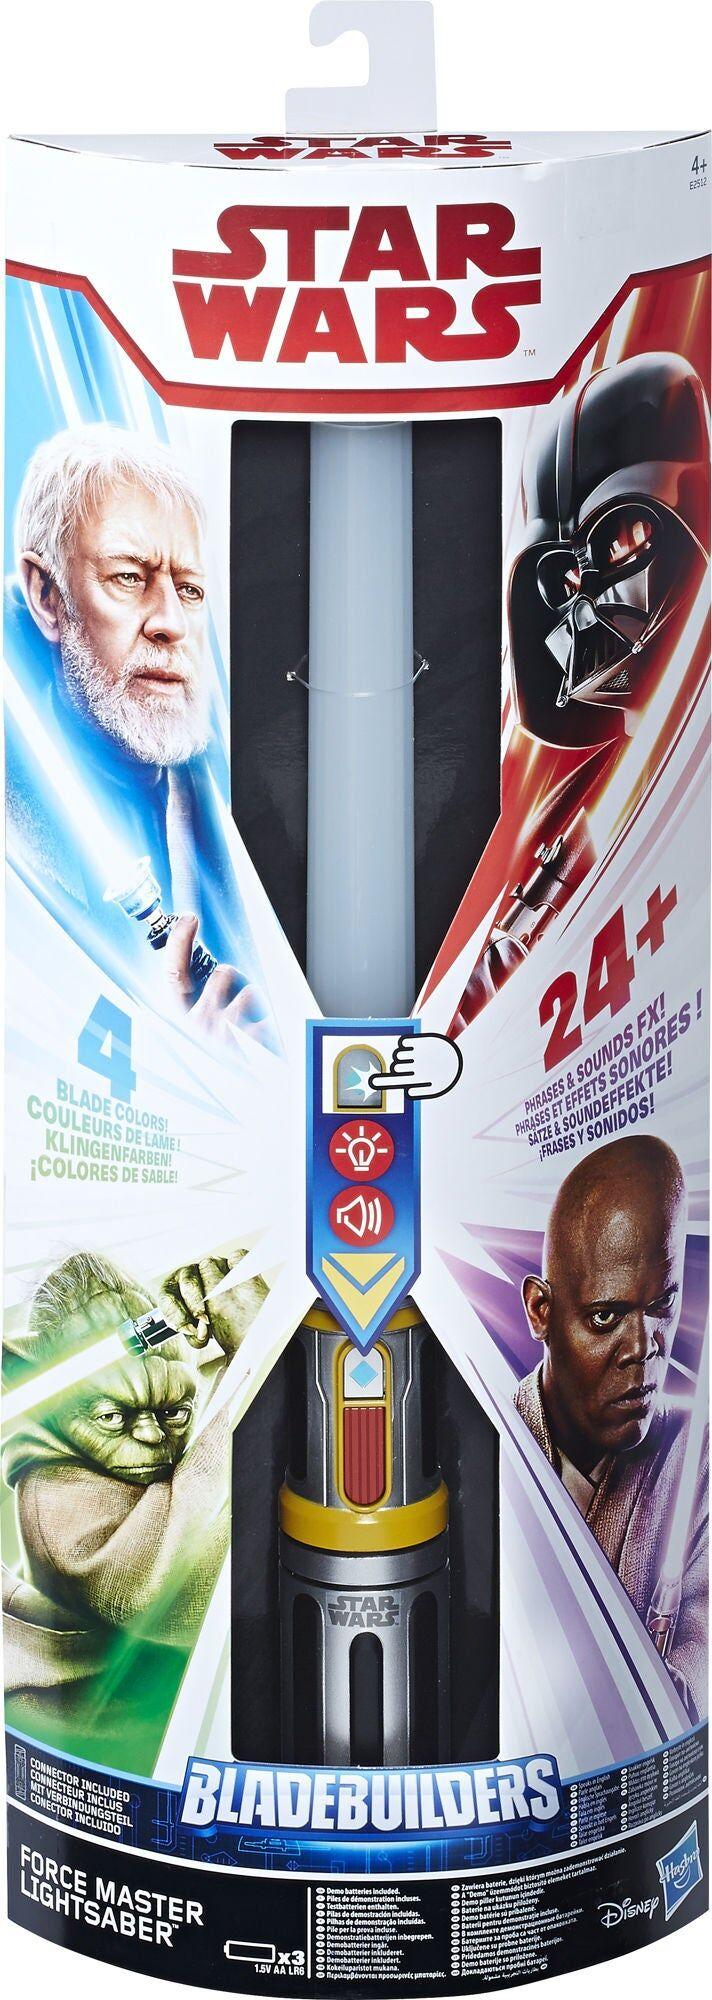 Star Wars Force Master Lightsaber